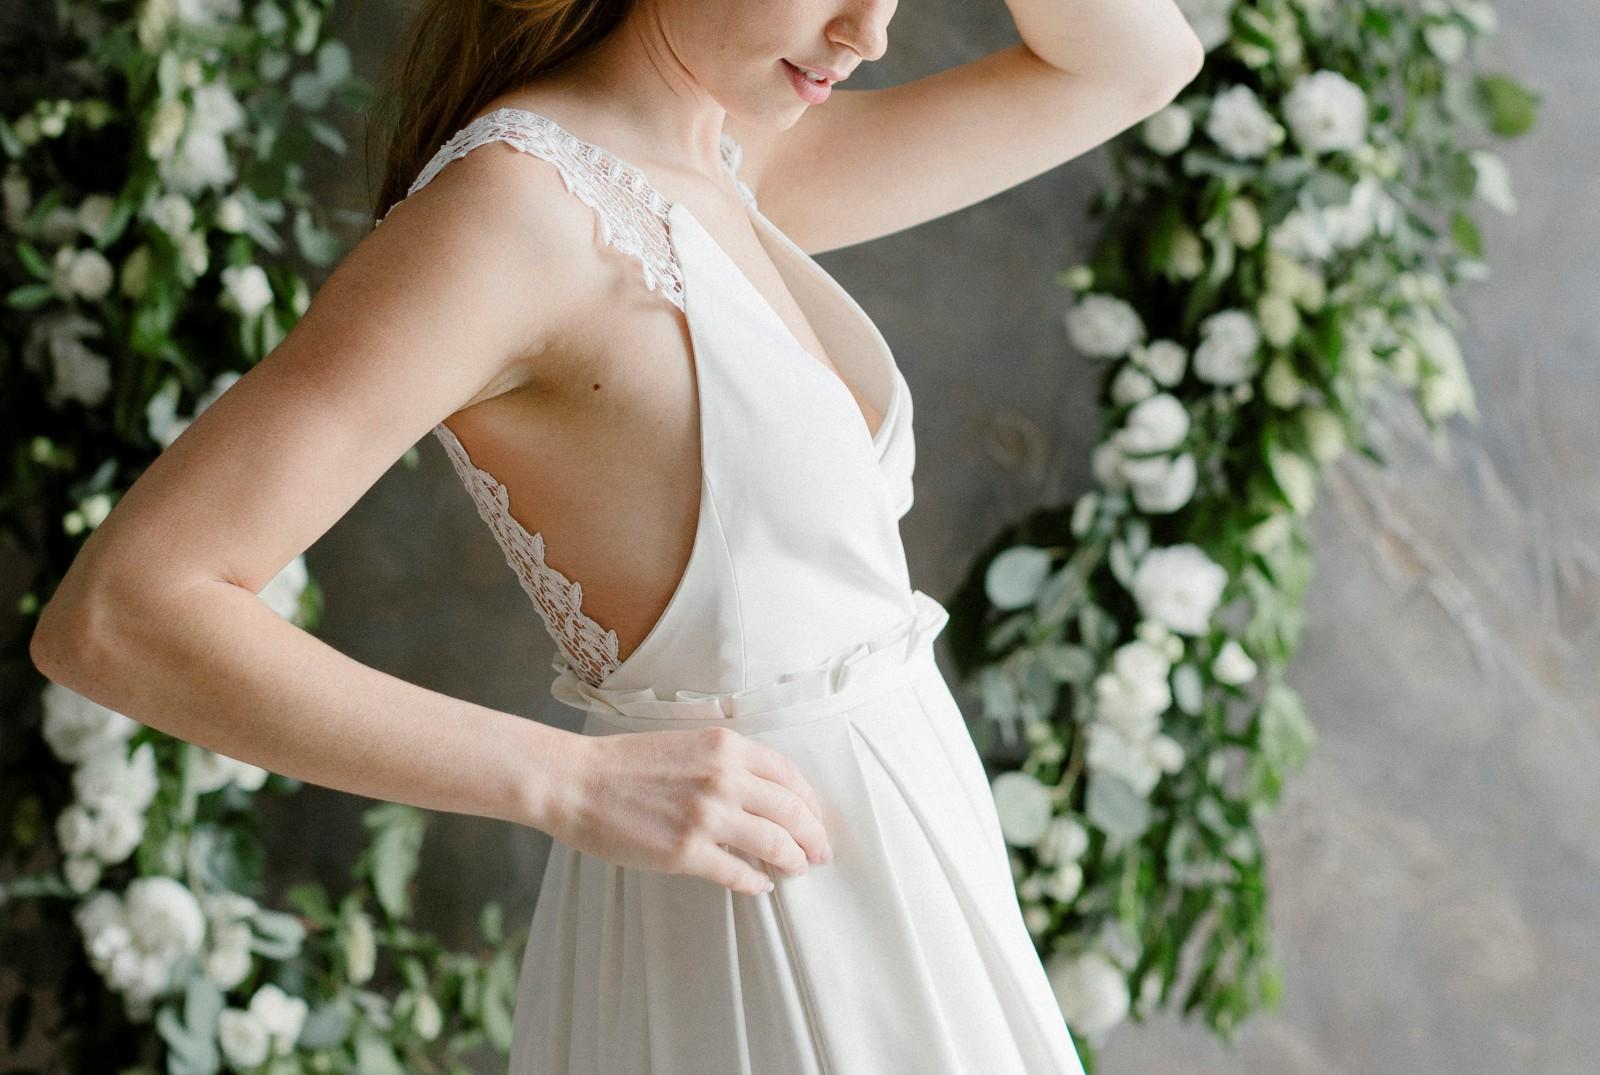 Détail du coté de la robe en soie.